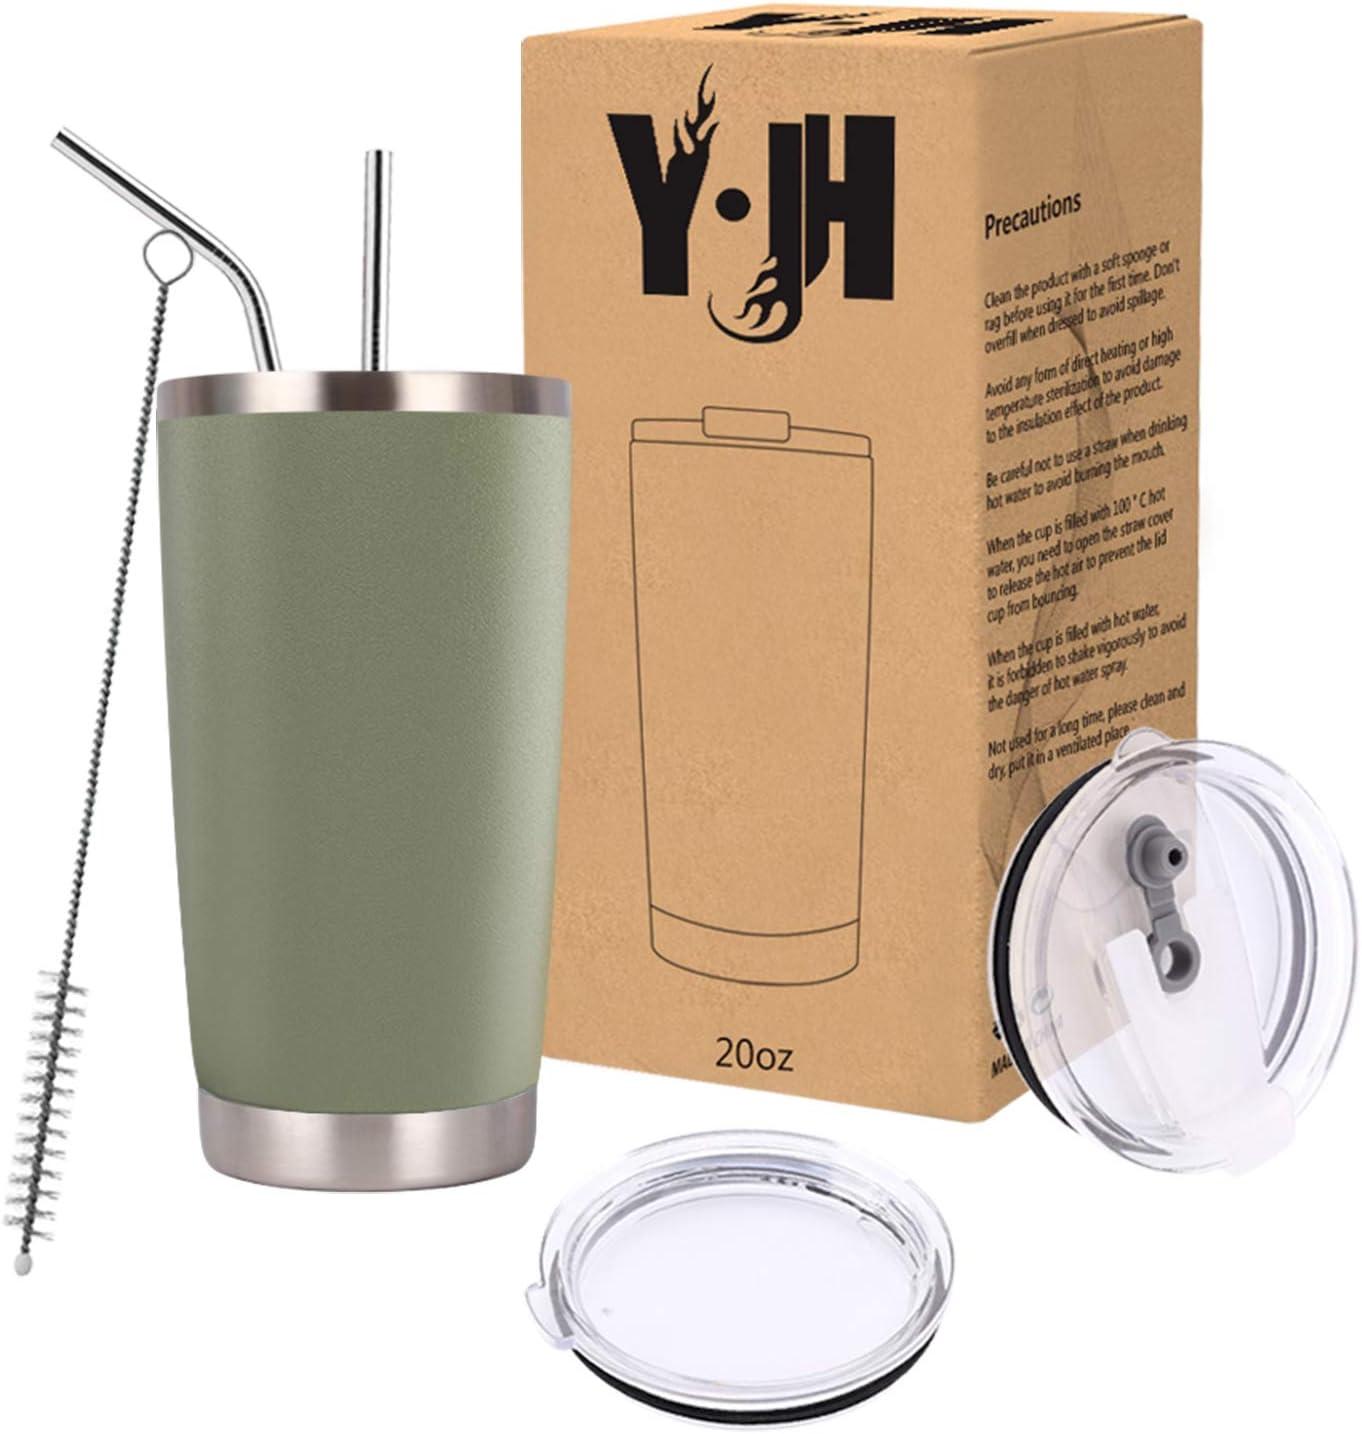 Y·JH 20oz (550ml) Vaso de Viaje de Taza de café con Aislamiento al vacío de Doble Pared Taza de café de Acero Inoxidable con 2 Tapas a Prueba de Salpicaduras, 2 pajitas, sin BPA - Ejercito Verde